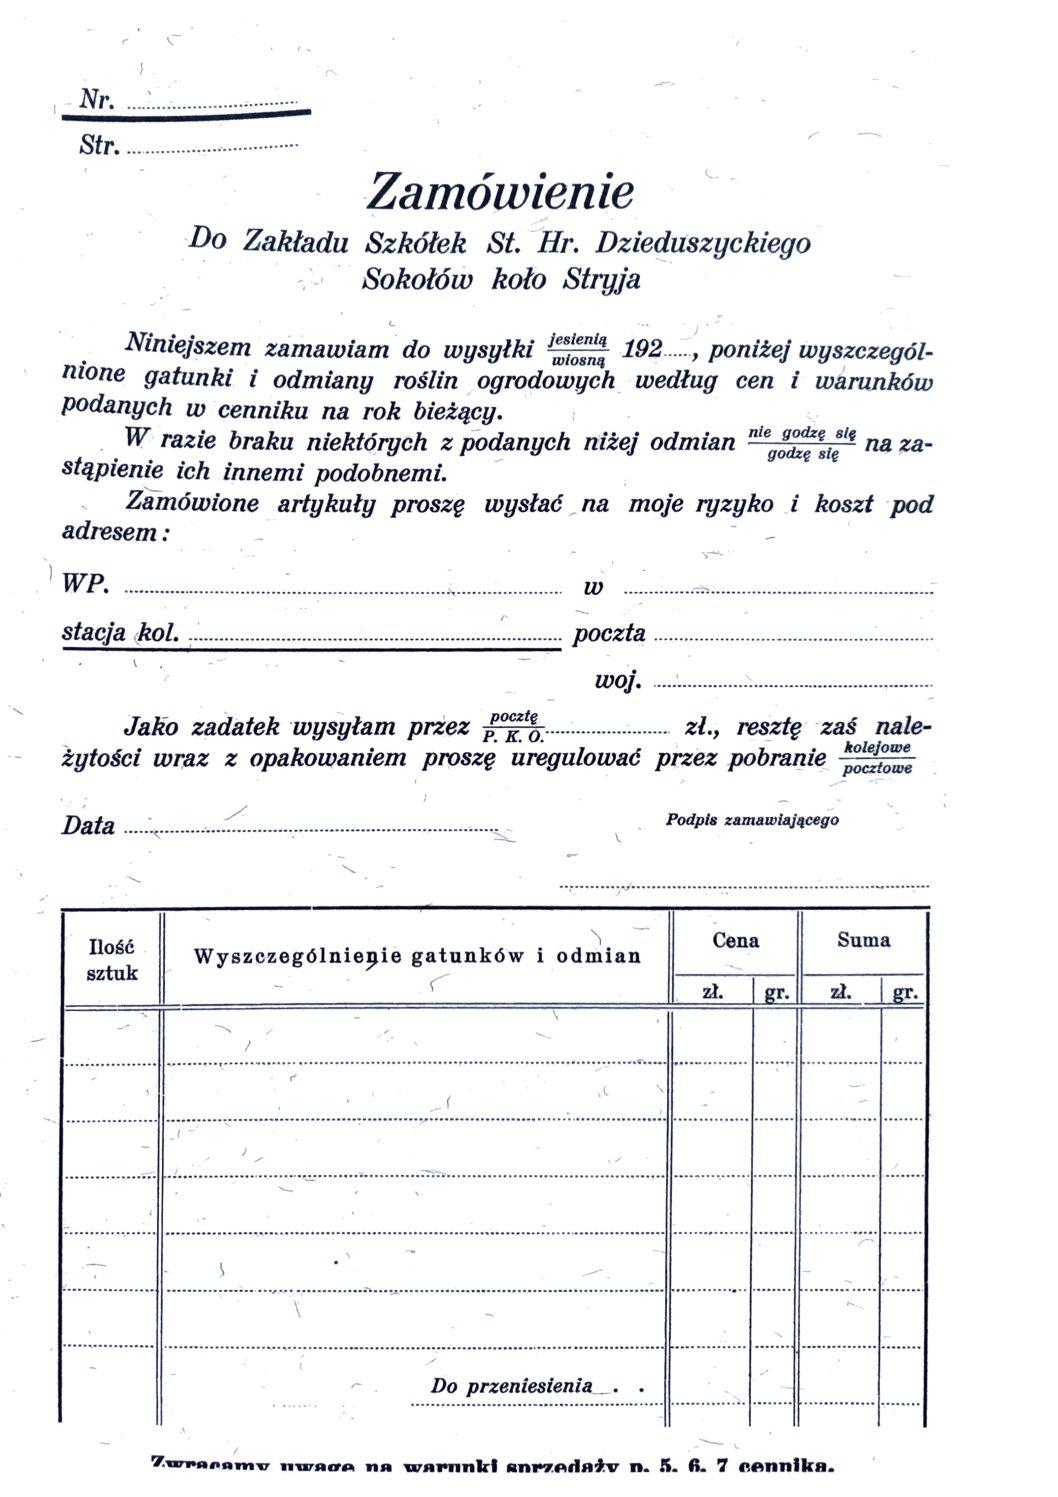 Cennik szkółek ogrodniczych Stanisława Dzieduszyckiego 41